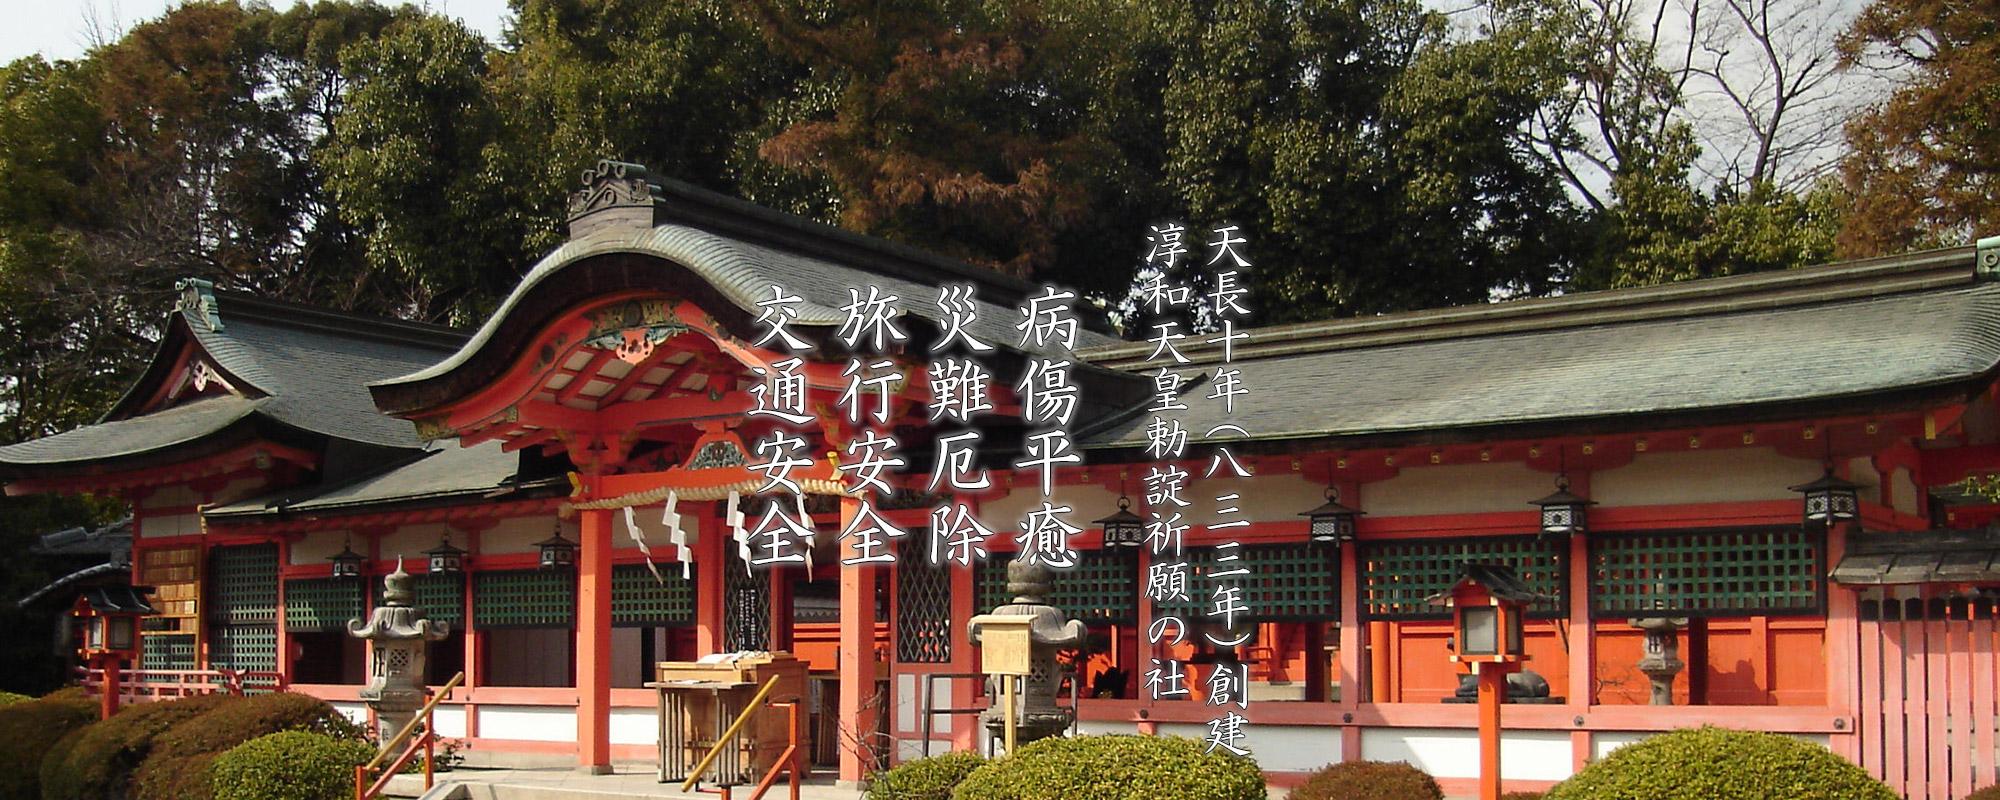 厄除 厄払い 厄年 病気 京都 神社